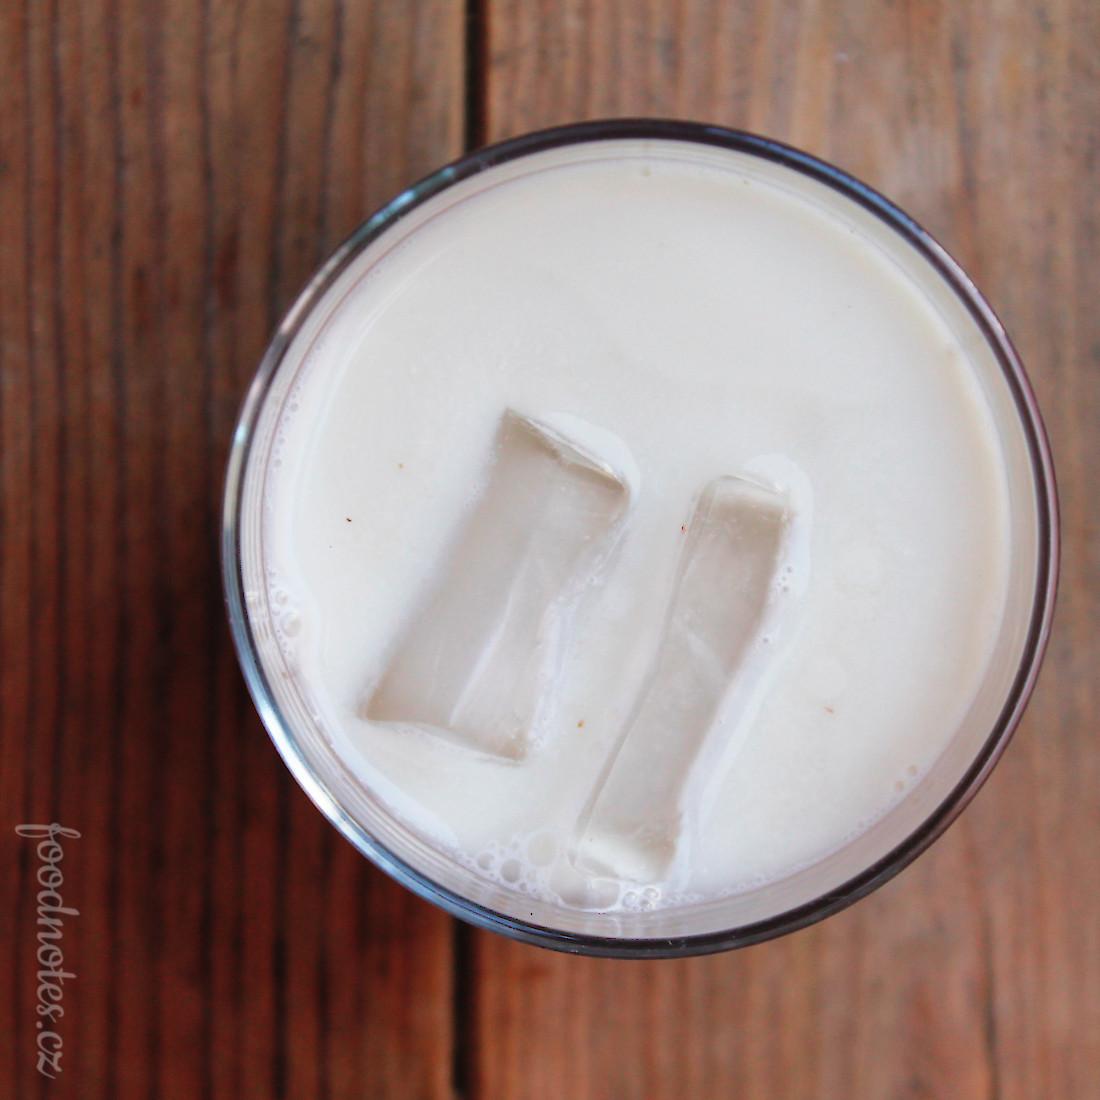 Rostlinné mléko z hlíz chufy - zemních mandlí - šáchoru jedlého